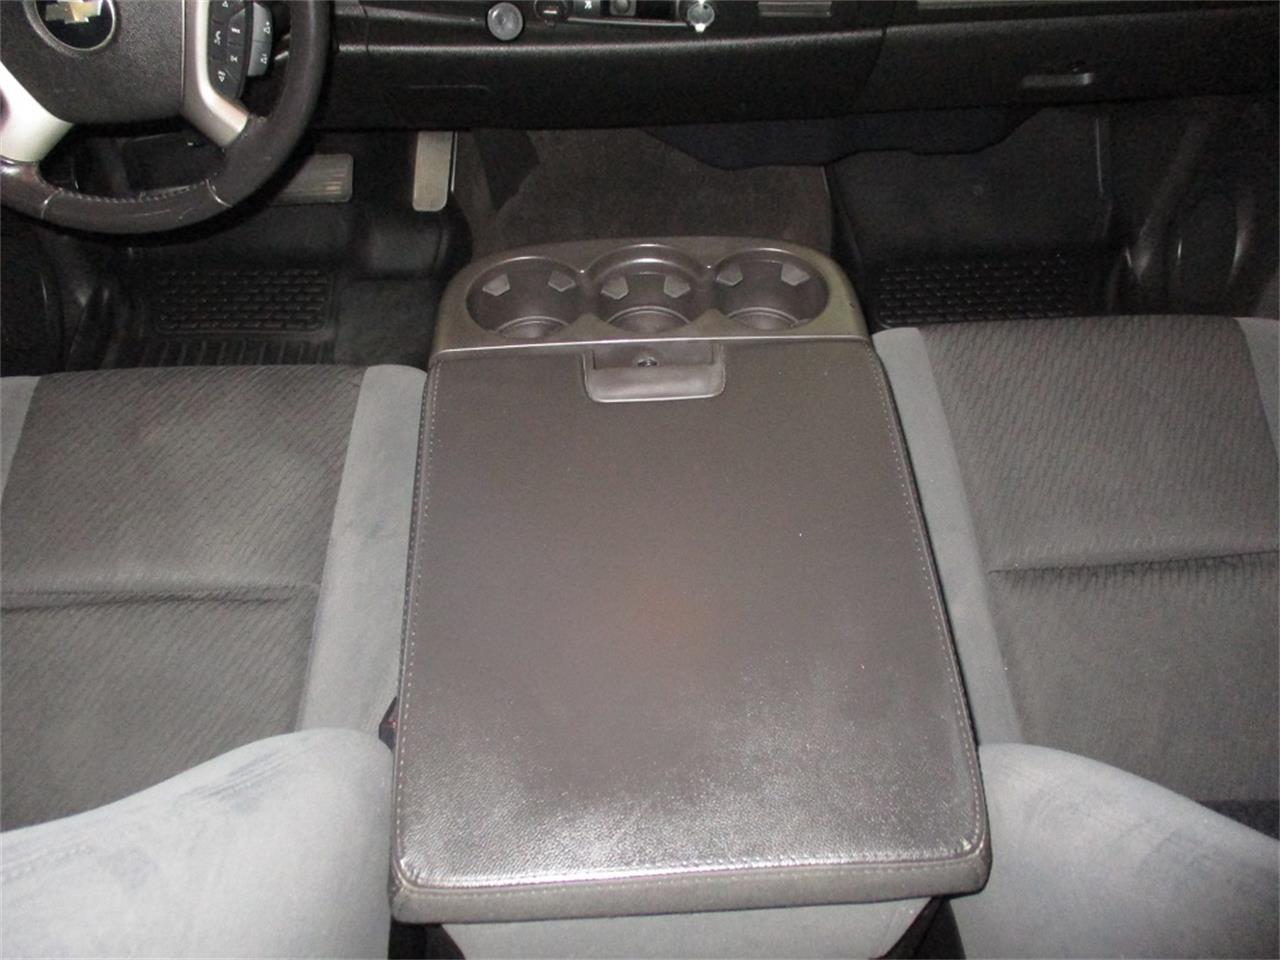 2009 Chevrolet Silverado (CC-1335375) for sale in Sterling, Illinois